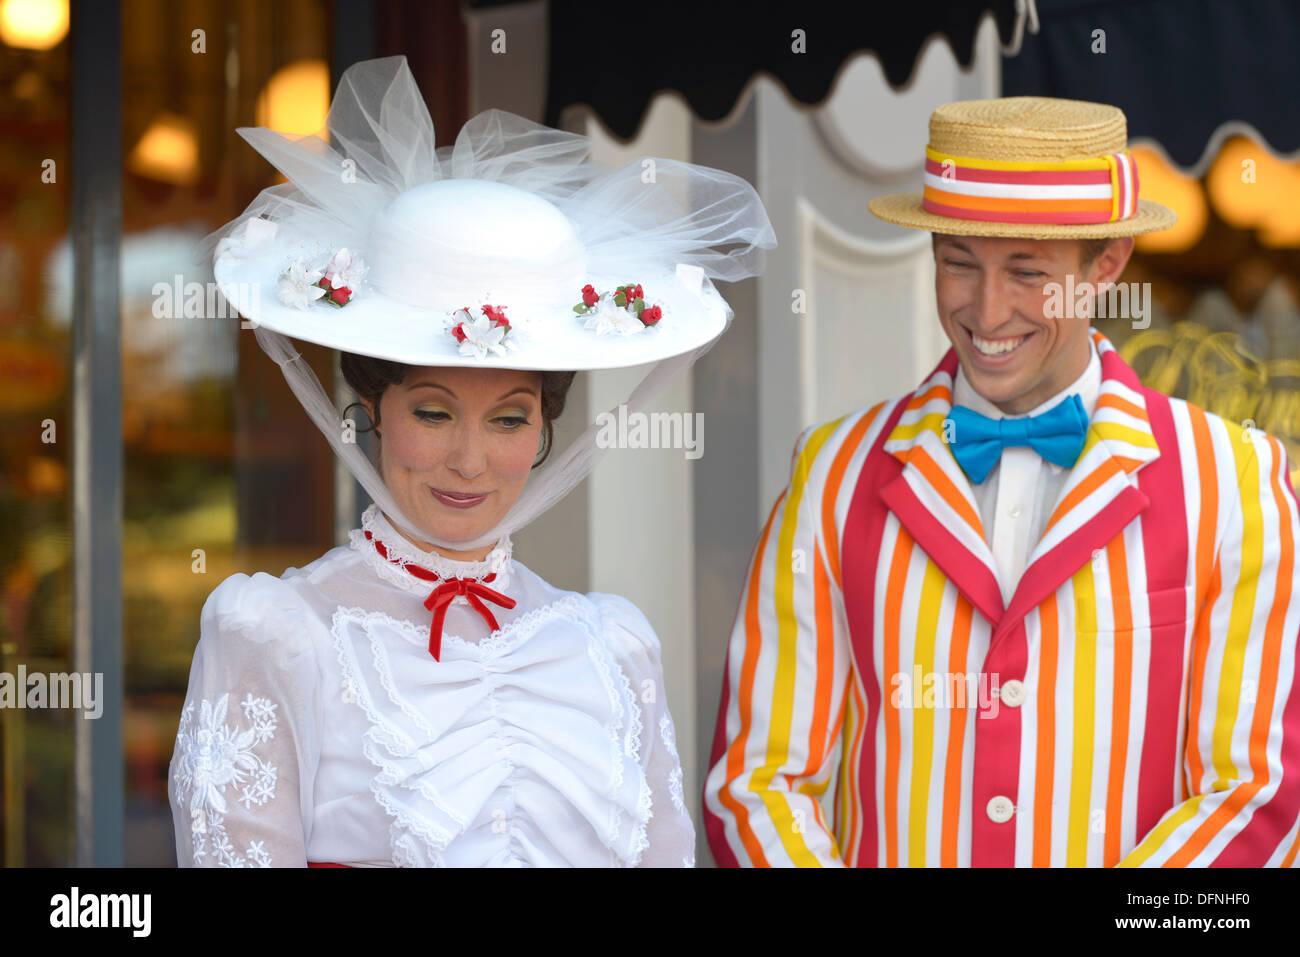 Mary Poppins und Bert Zeichen, Disneyland Resort Anaheim Kalifornien Stockbild